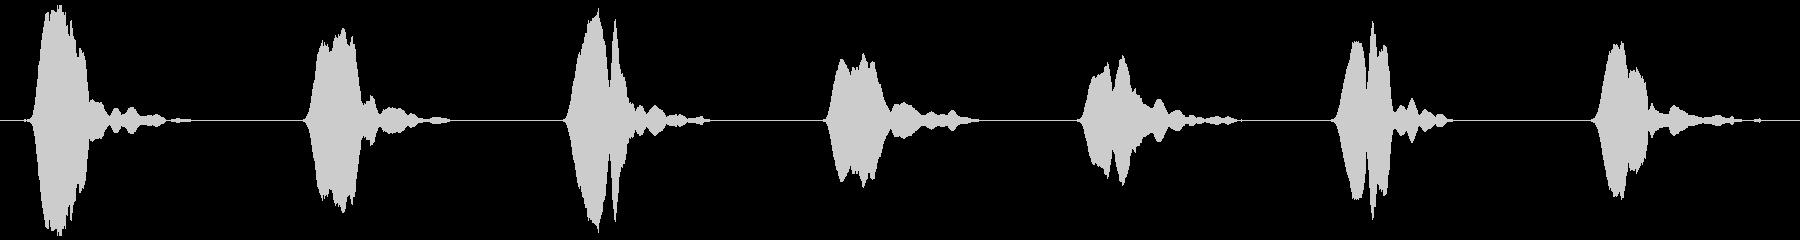 野鳥の、さえずりA  ヒッ×7の未再生の波形